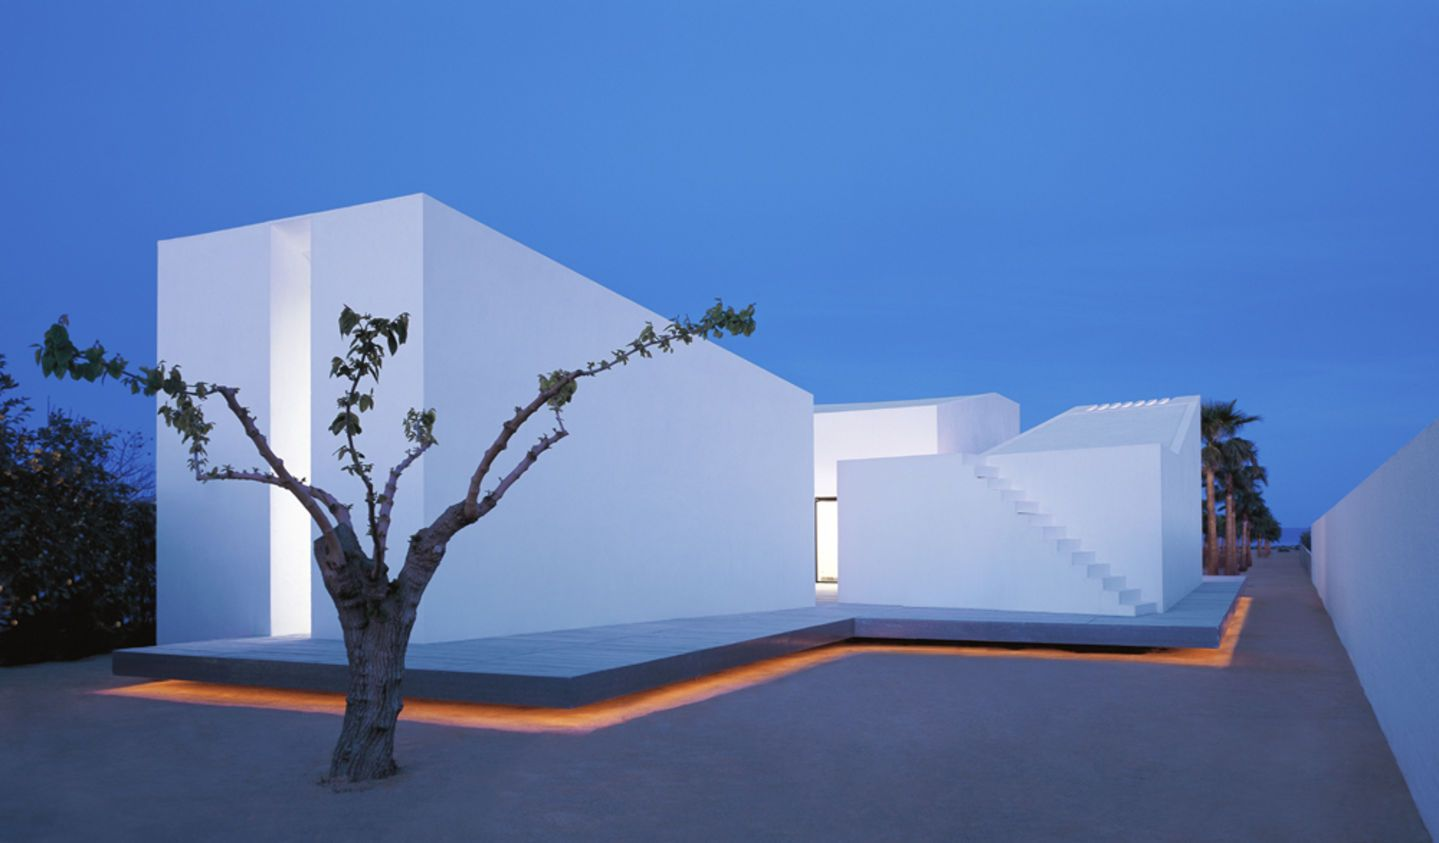 OAB – Ferrater & Asociados, Aleix Bagué · Casa para un fotografo 2 en el Delta del Ebro · Divisare